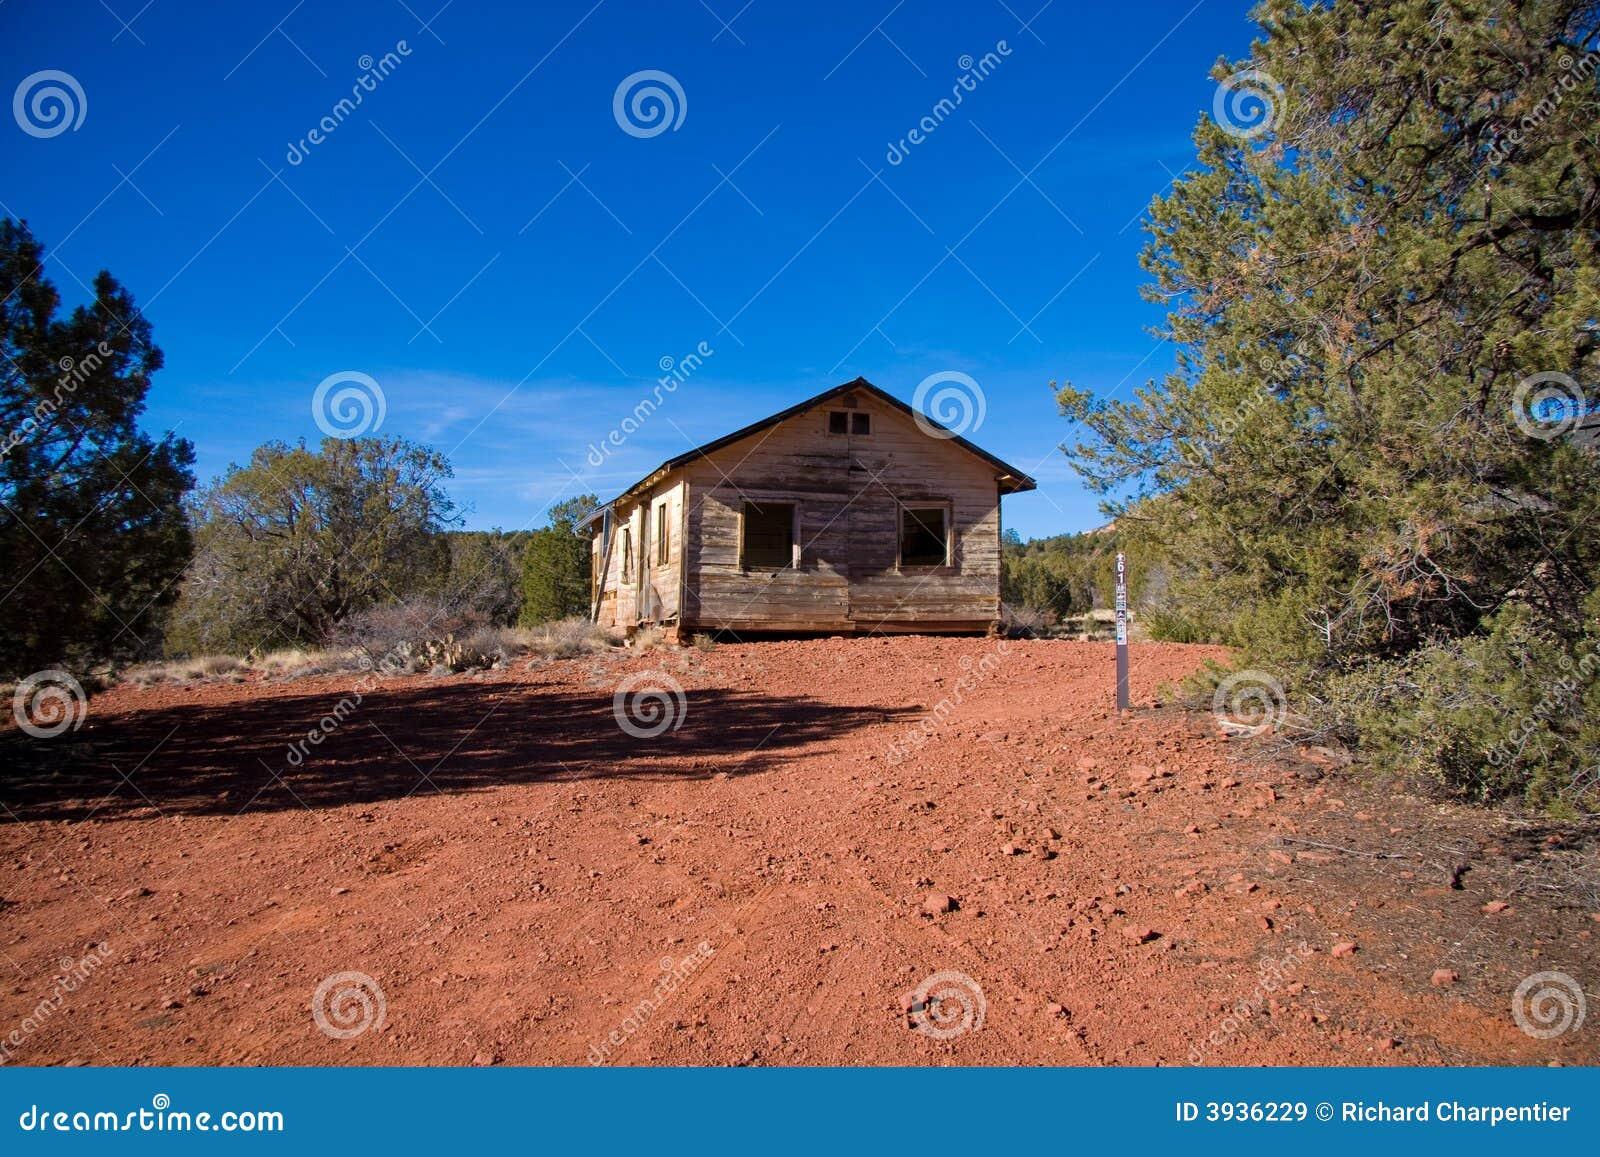 Abandoned Arizona Desert Cabin Royalty Free Stock Images